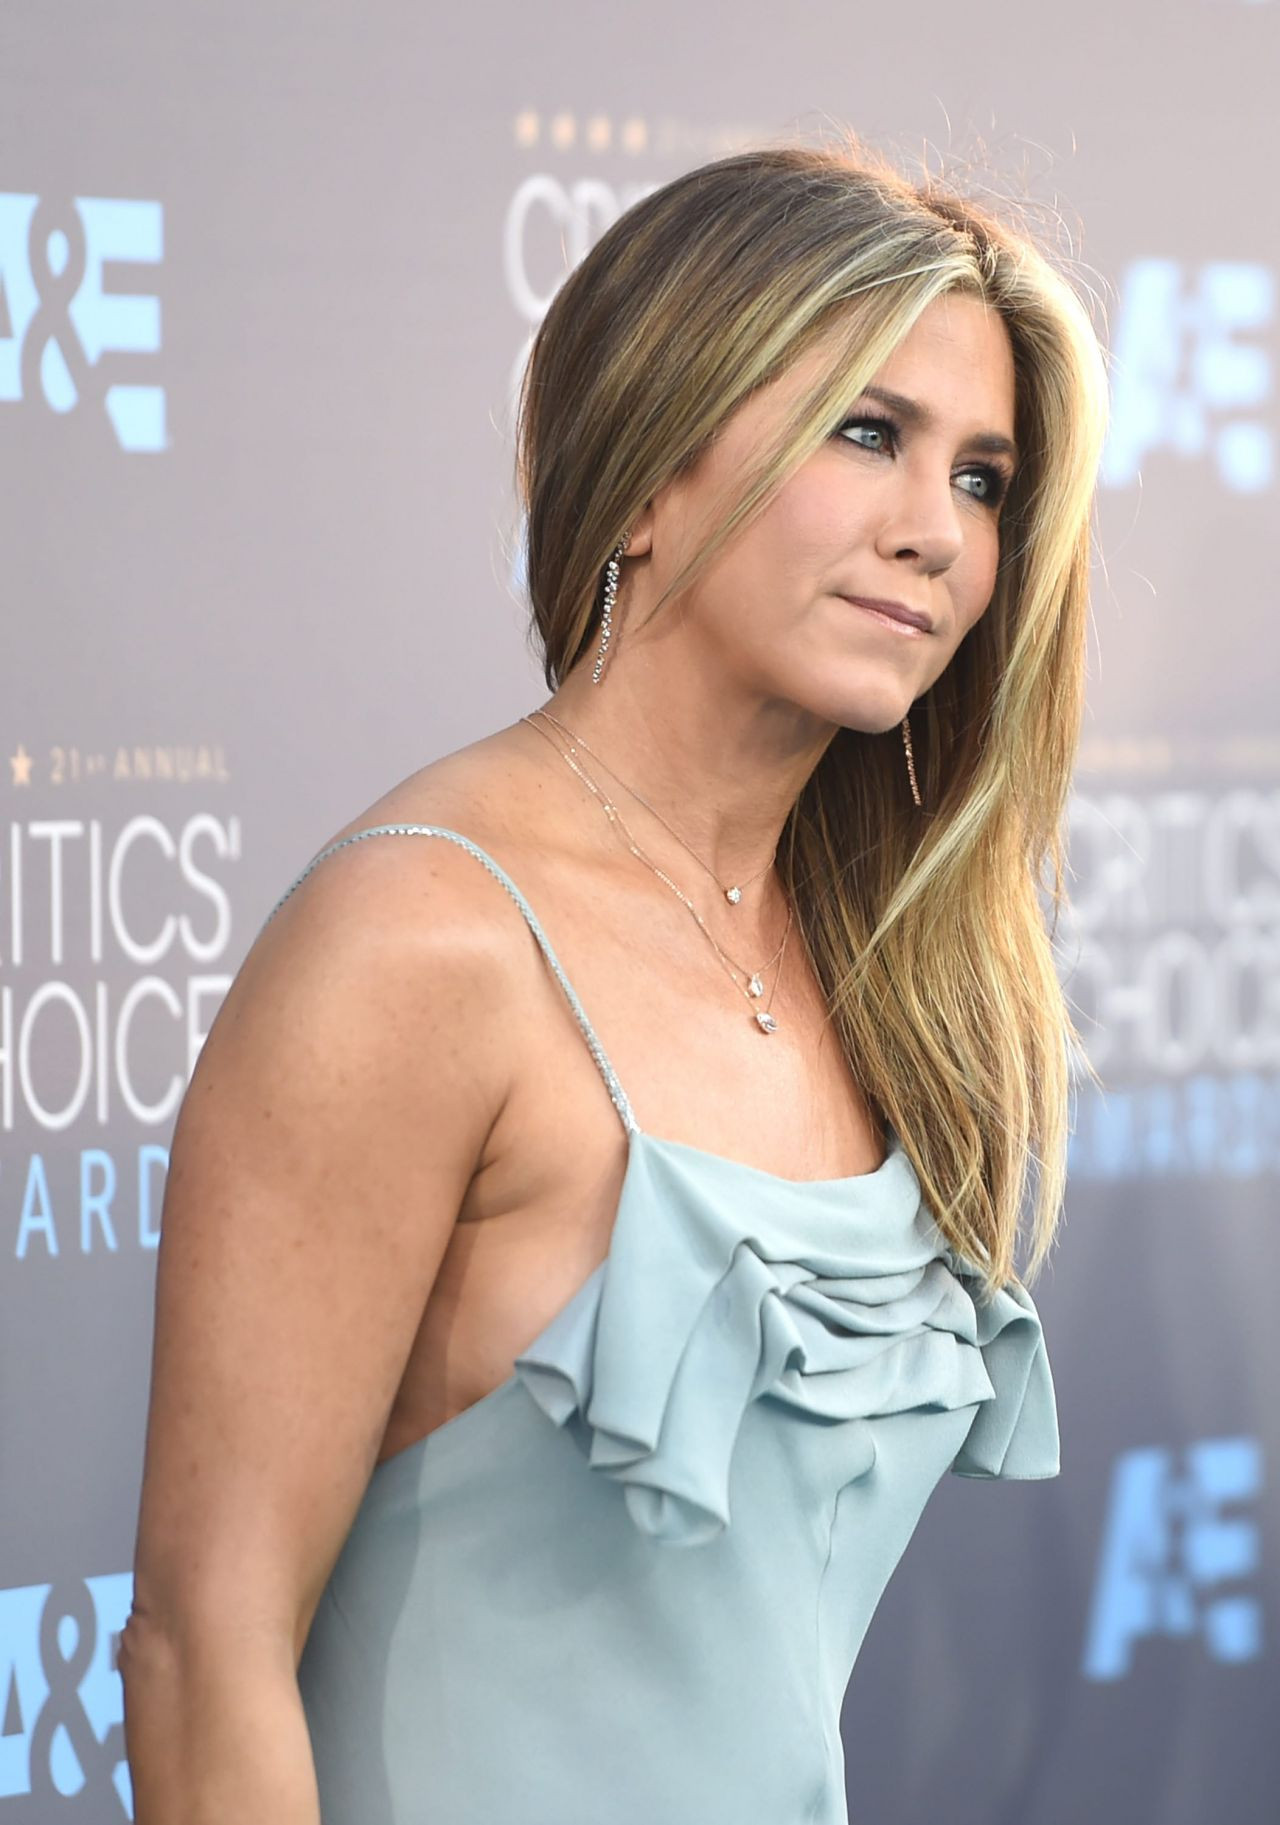 Jennifer Aniston çıplak fotoğrafını açık artırmaya çıkardı! - Sayfa 3